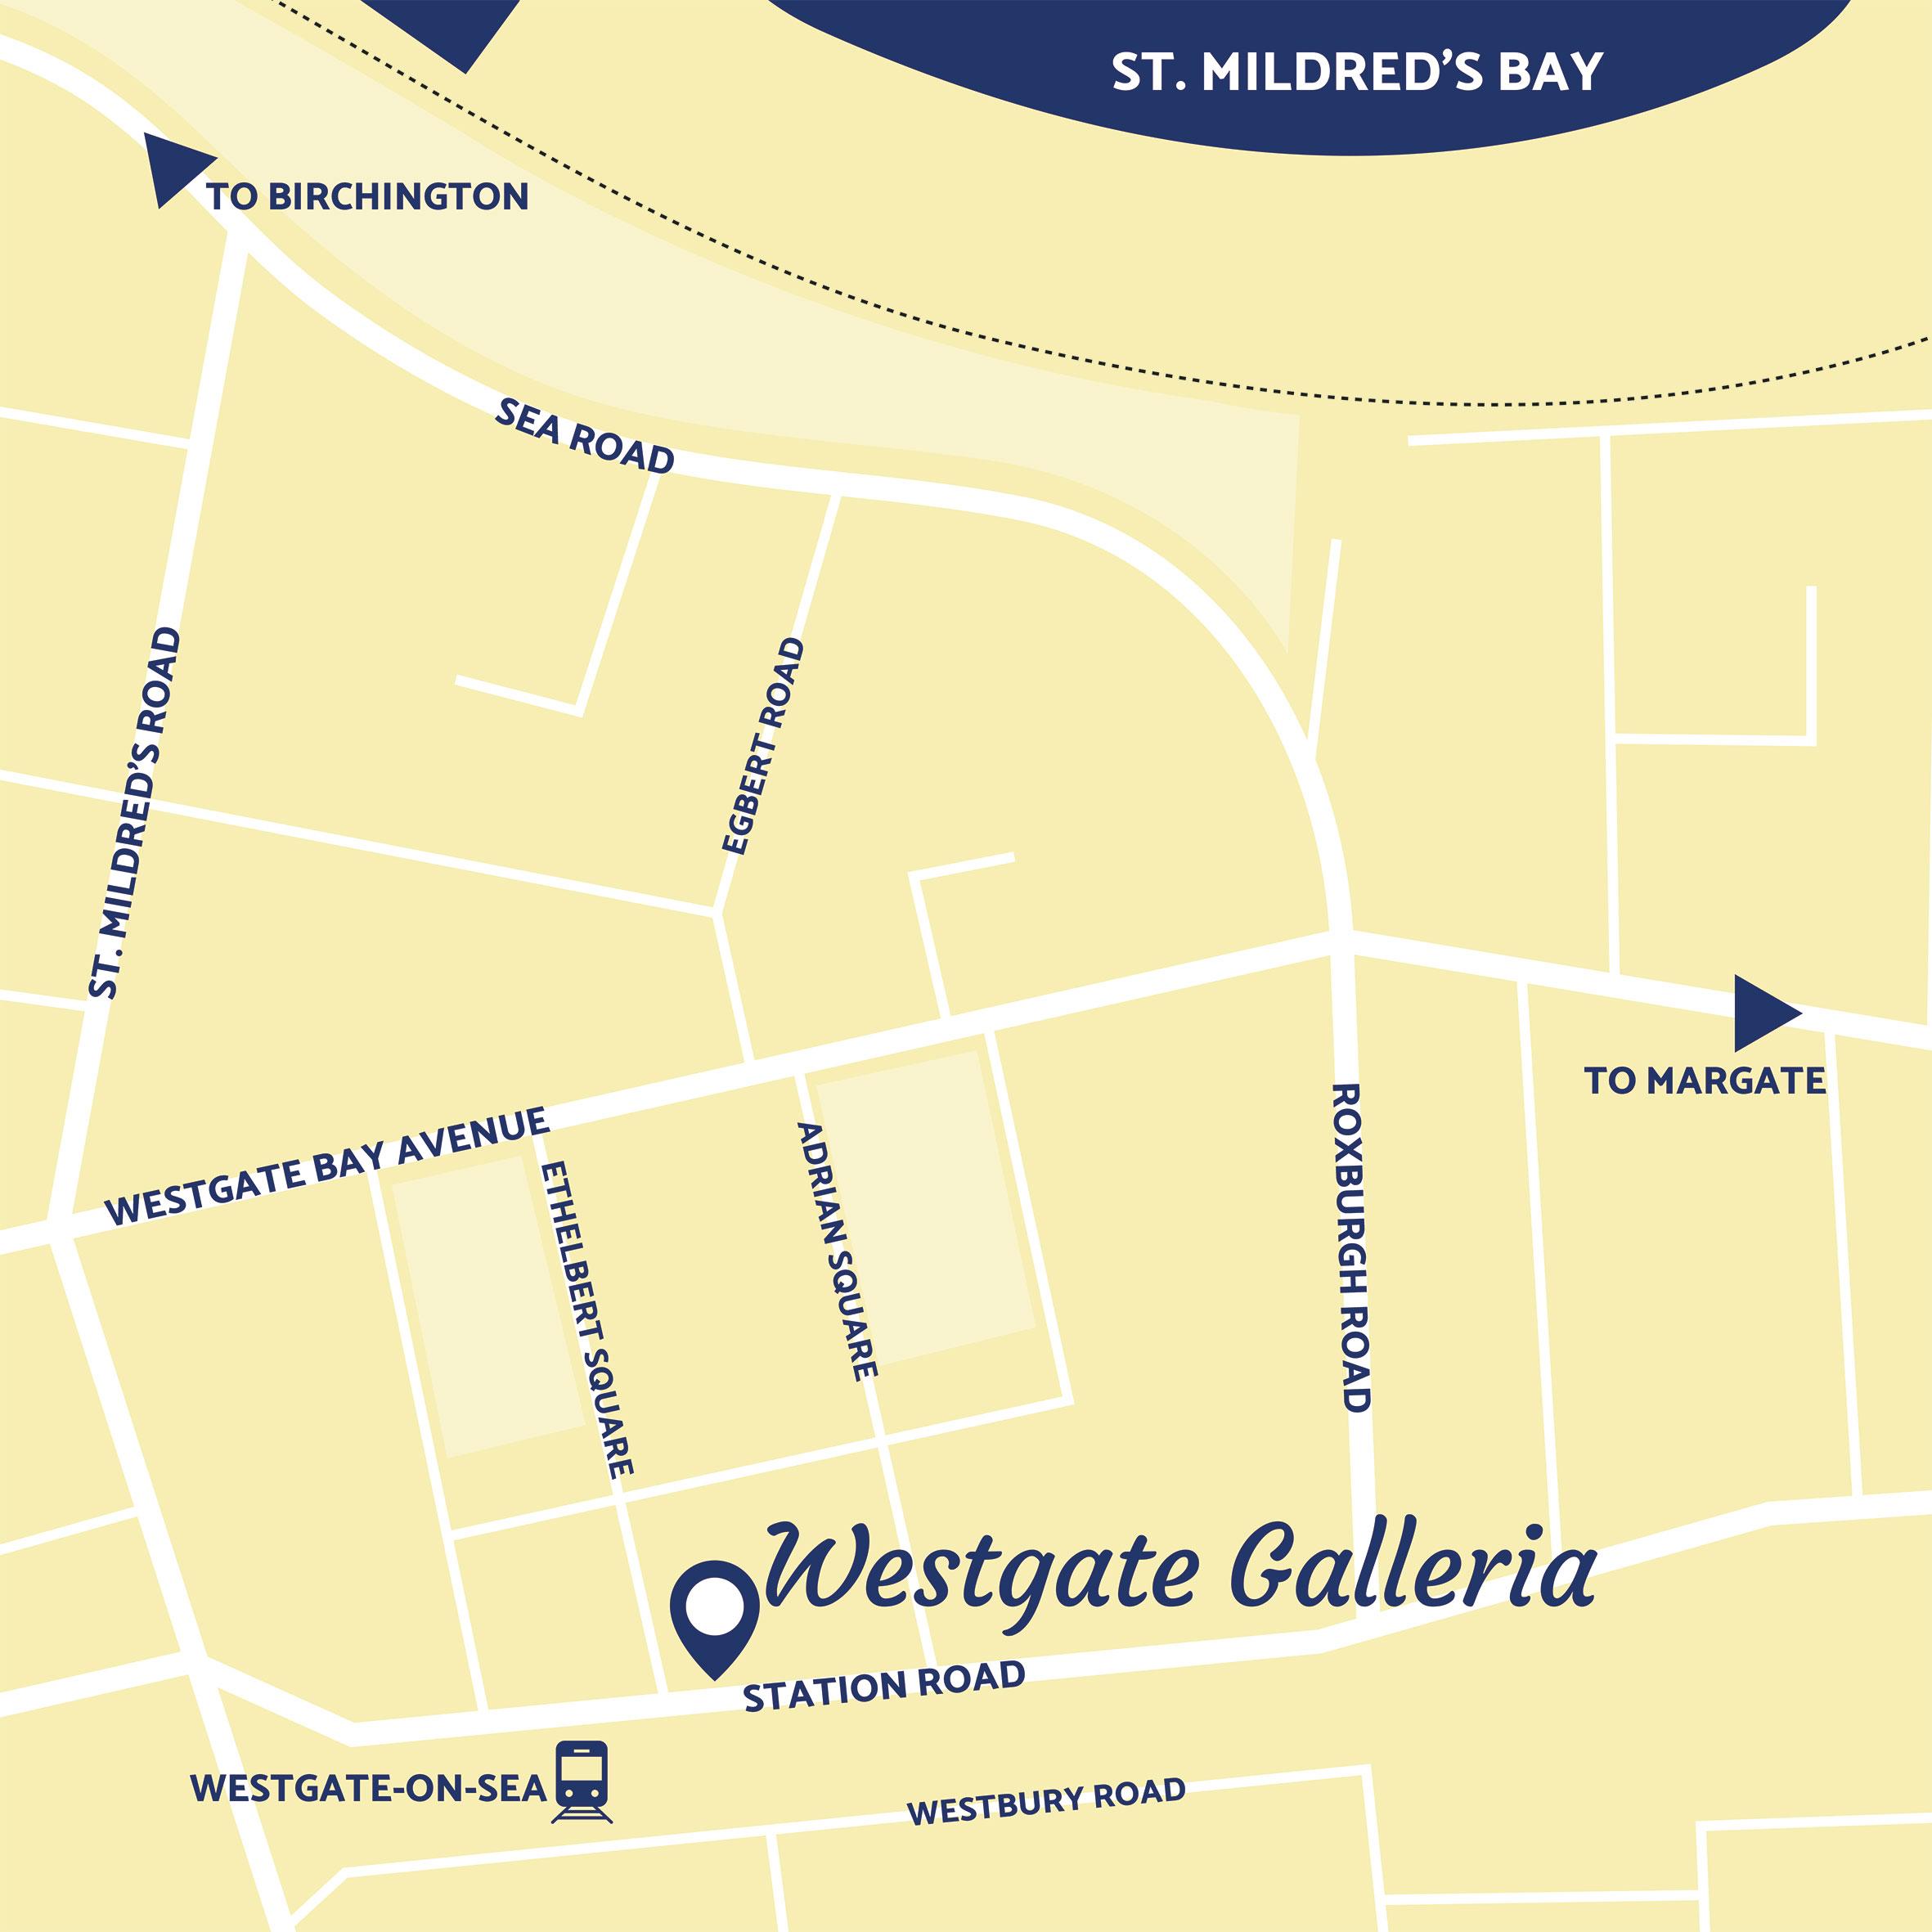 Westgate Galleria map